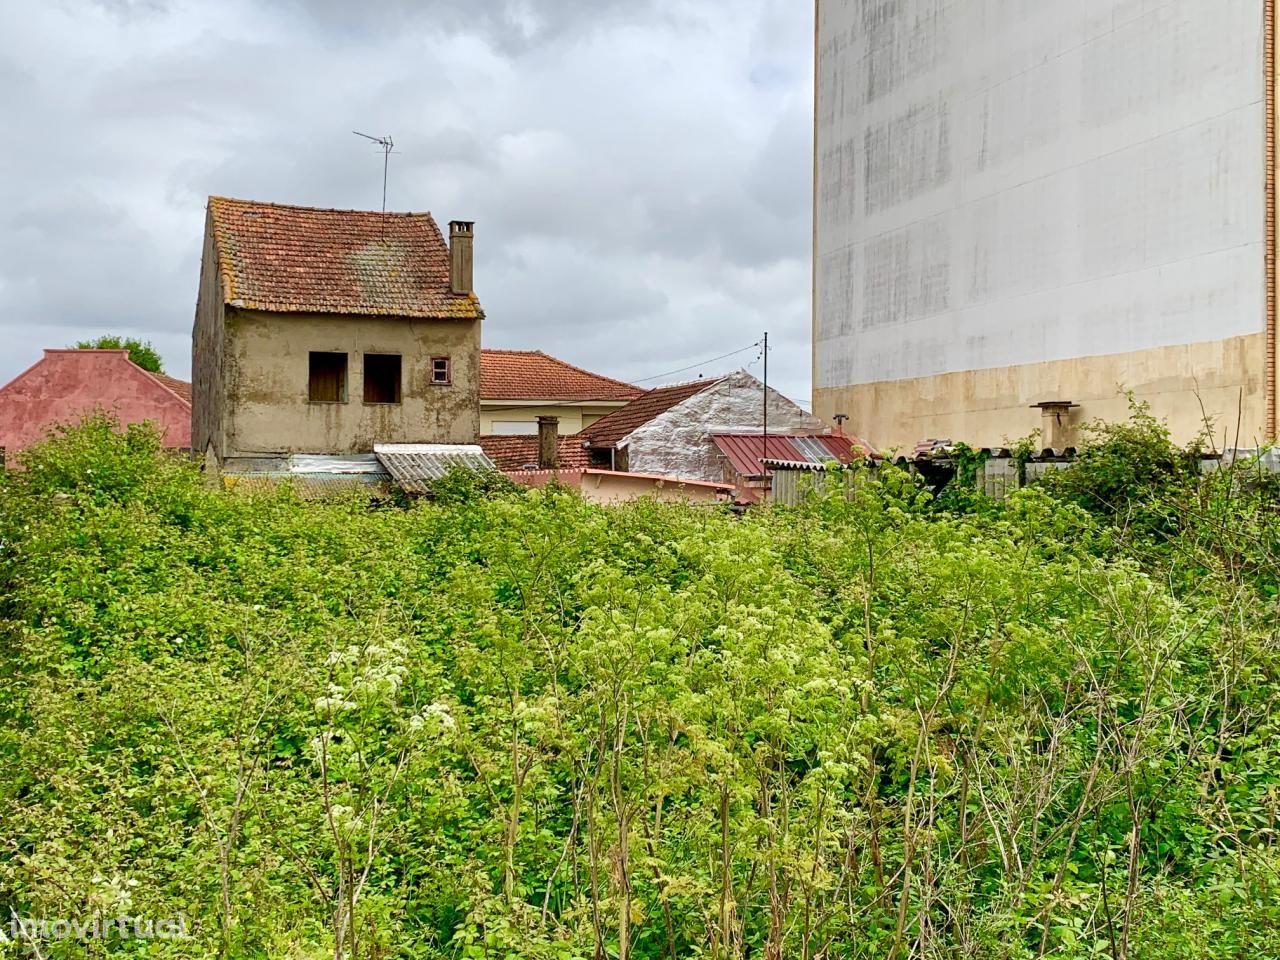 Casa devoluta, terreno c/ viabilidade de construção